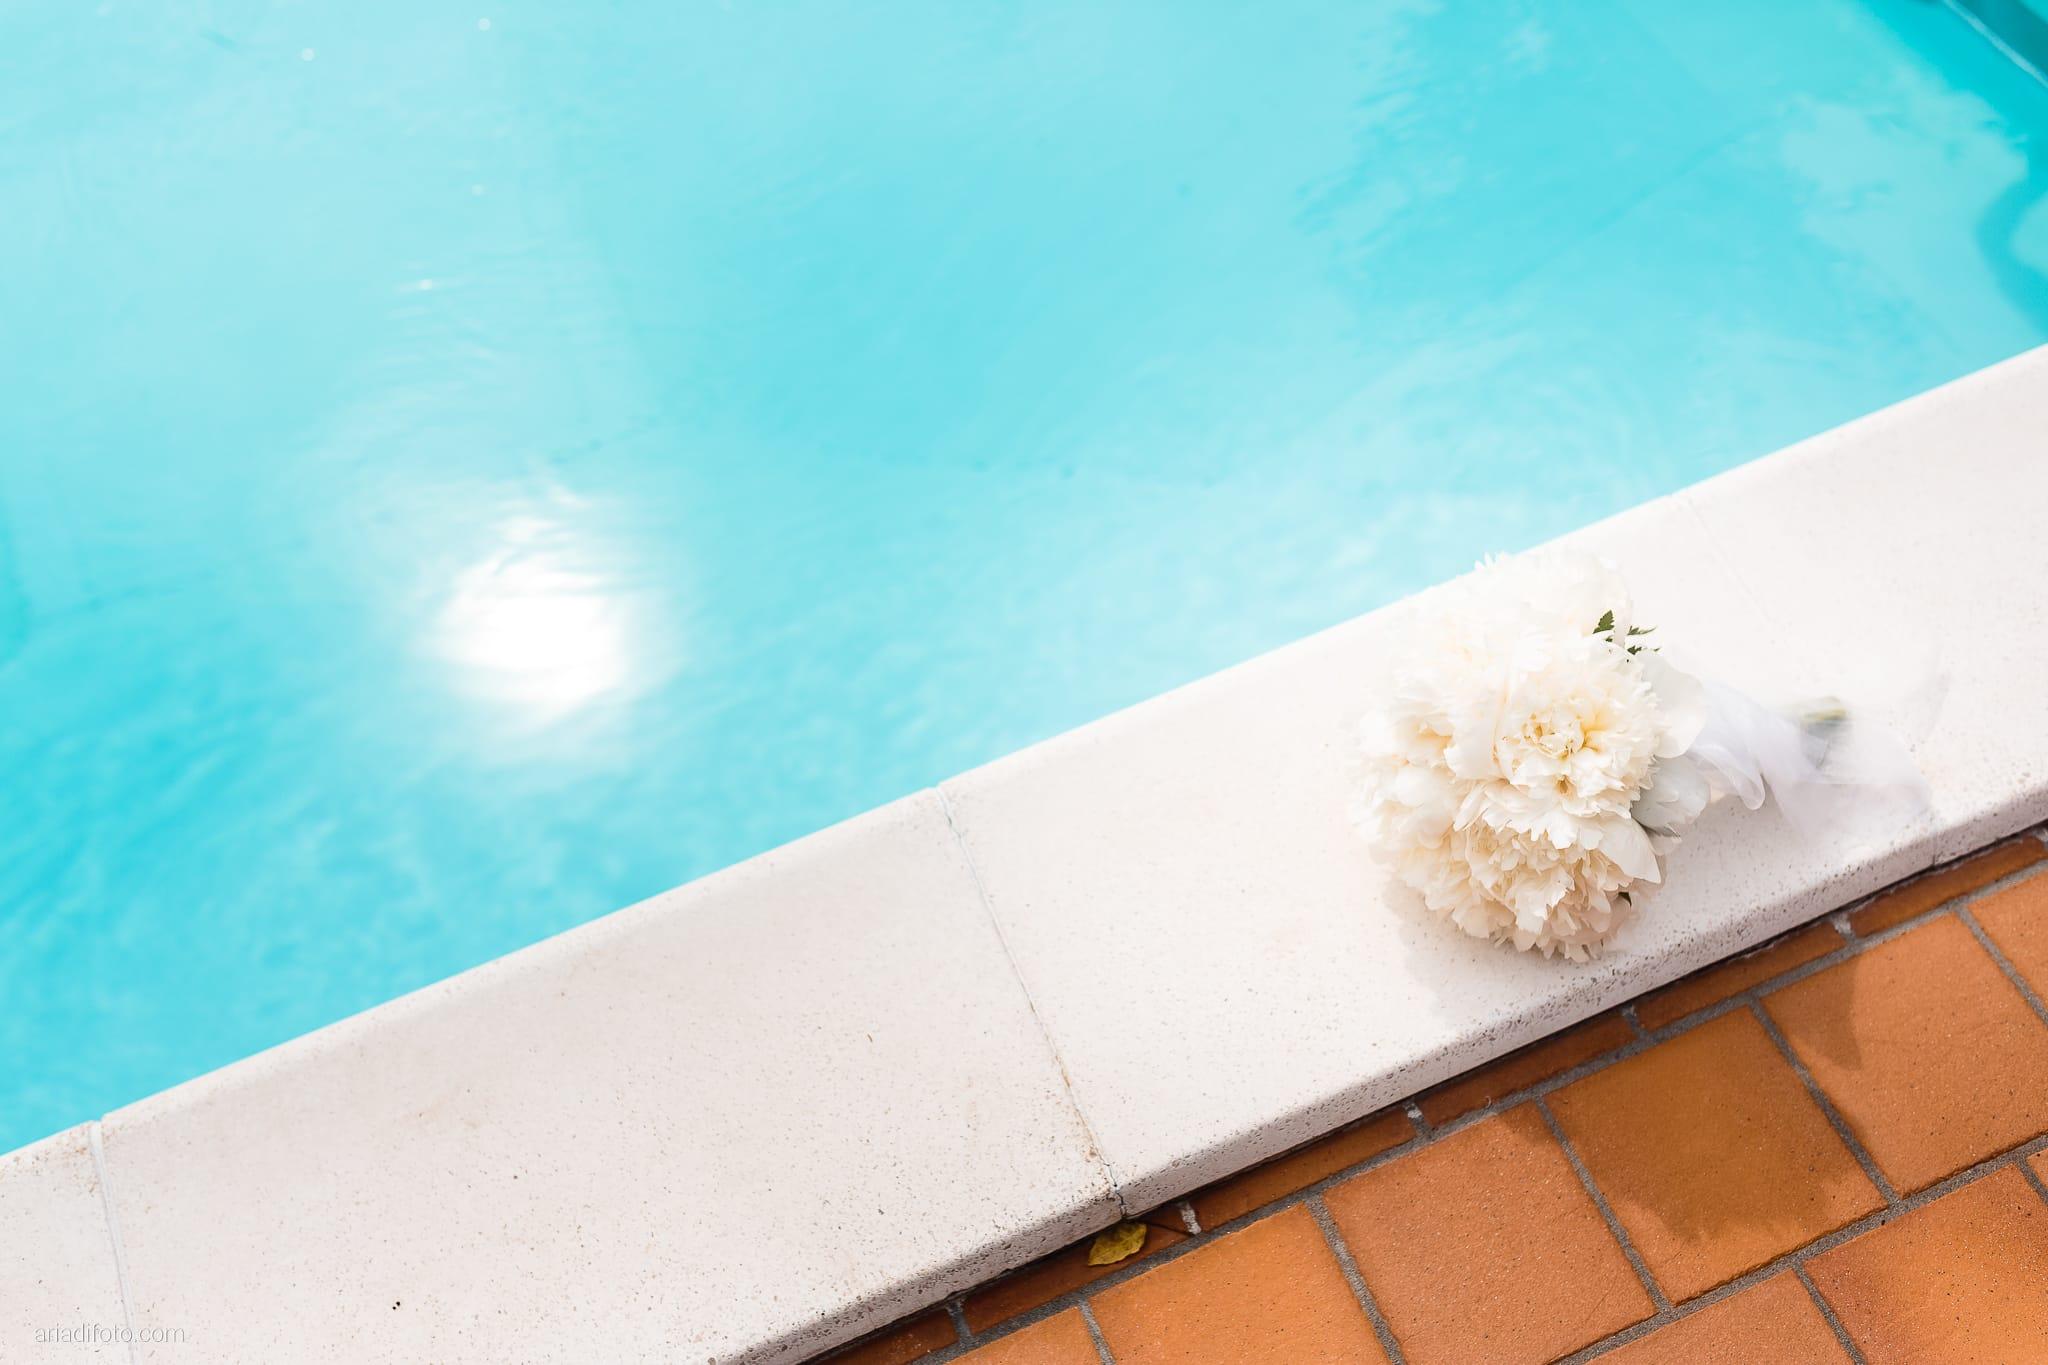 Roberta Alessandro matrimonio Duino Baronesse Tacco San Floriano del Collio Gorizia preparativi dettagli bouquet fiori peonie piscina